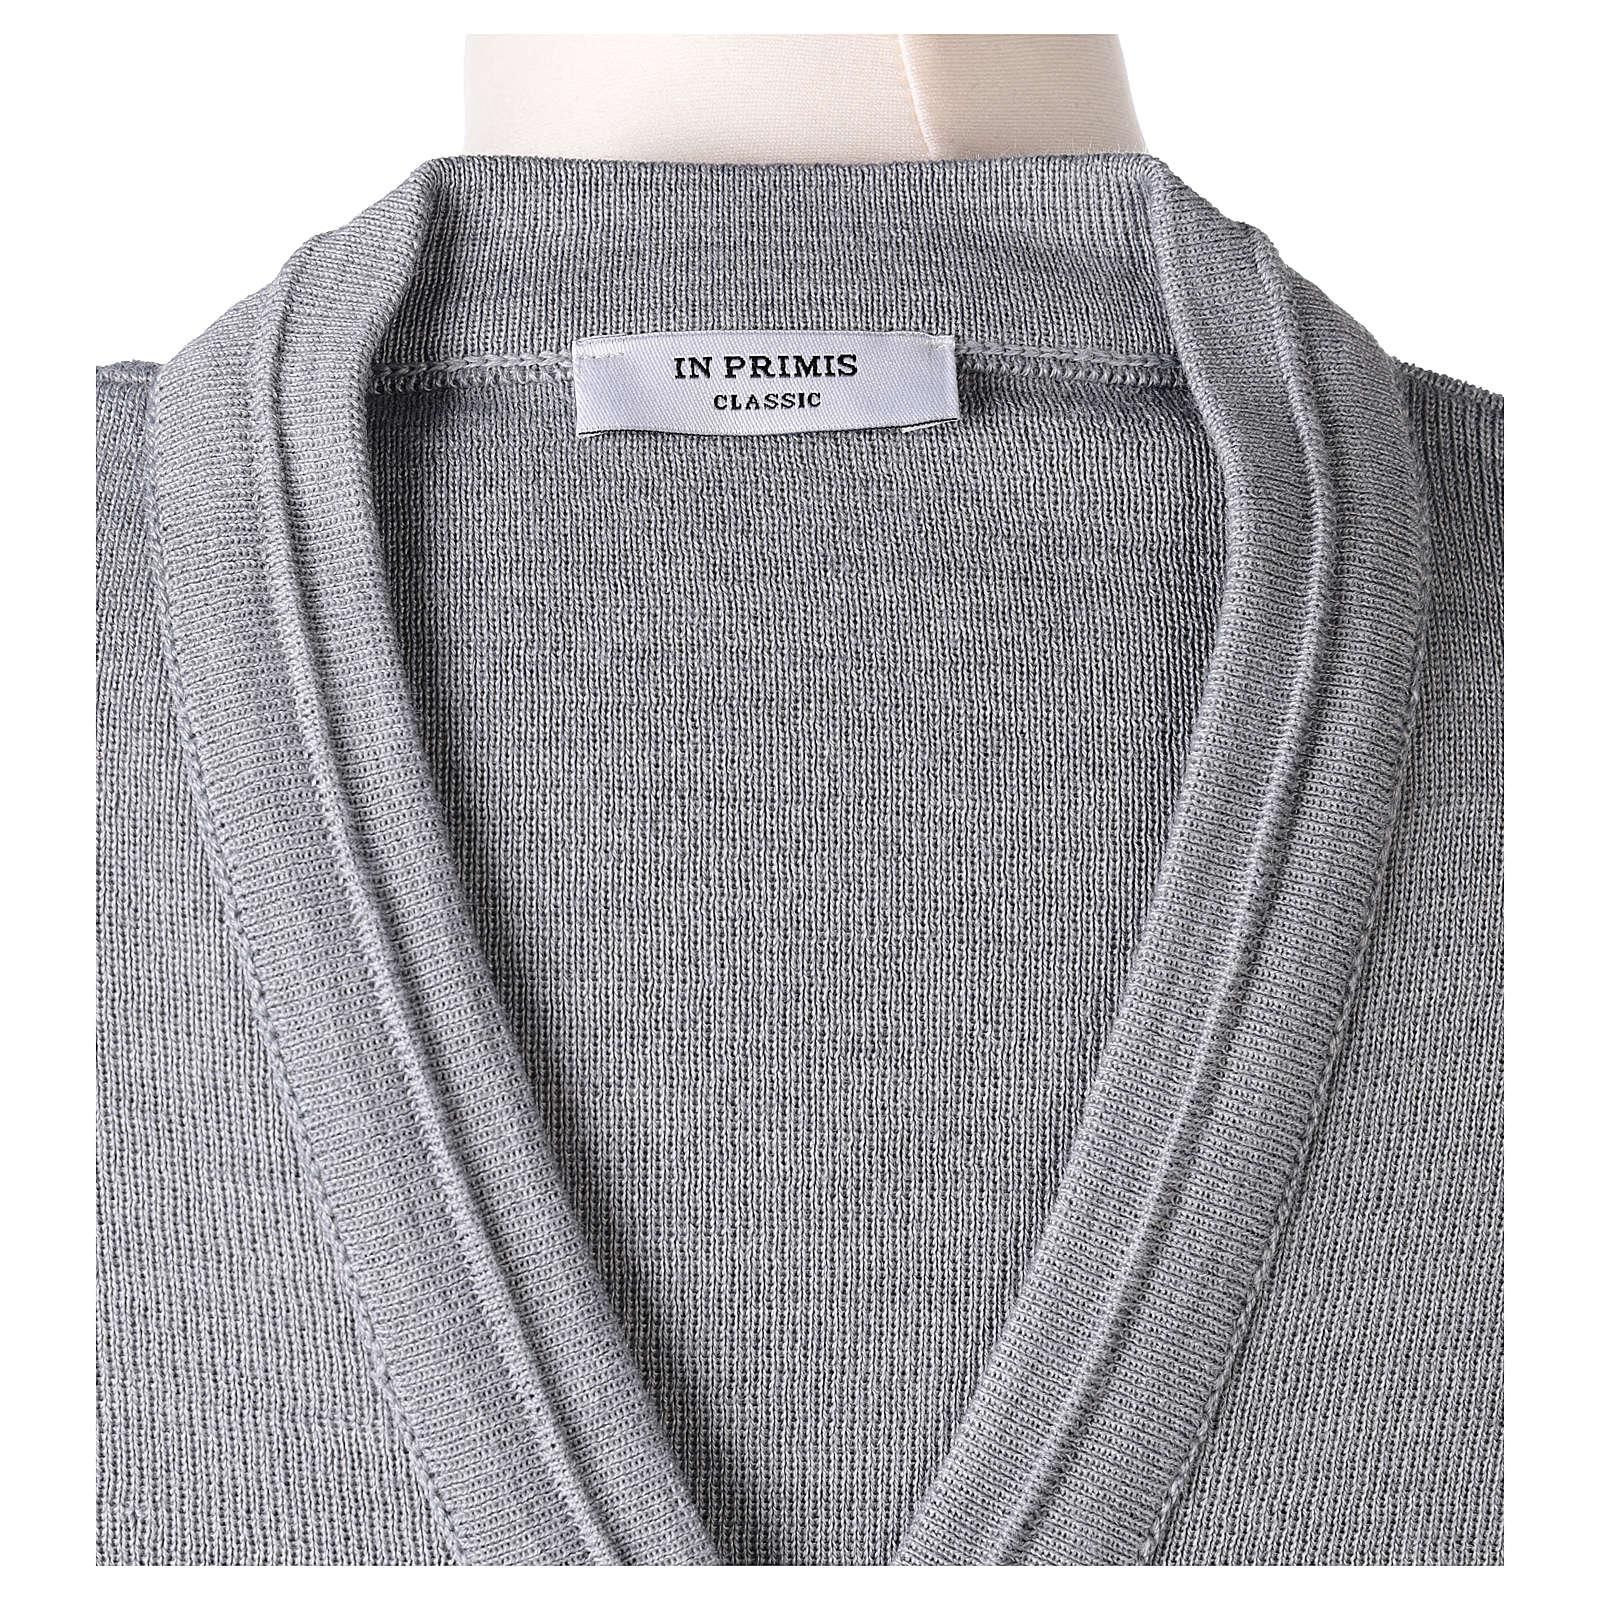 Giacca corta grigio perla 50% lana merino 50% acrilico suora In Primis 4